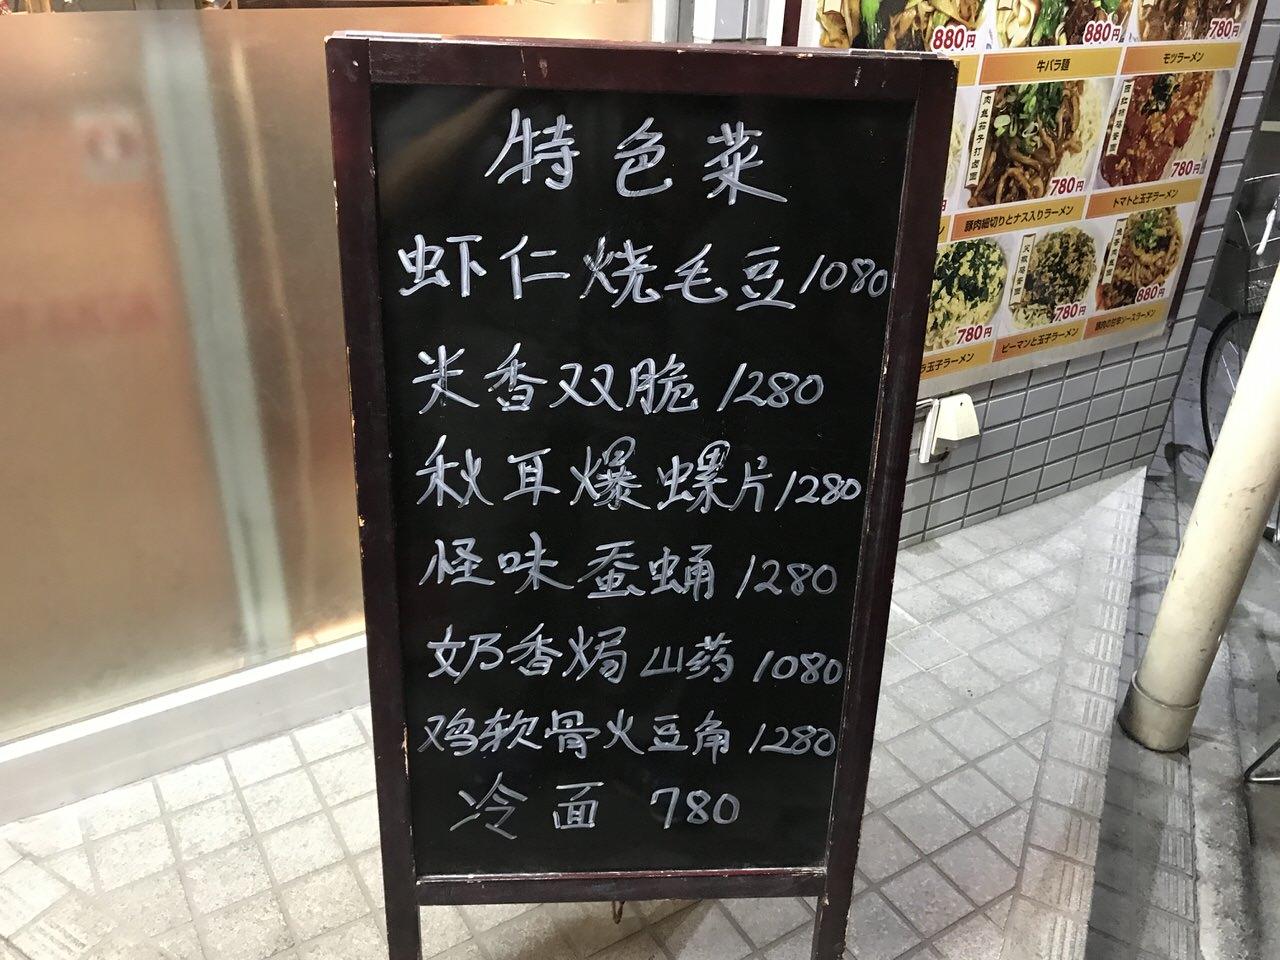 Nishikawaguchi 4970